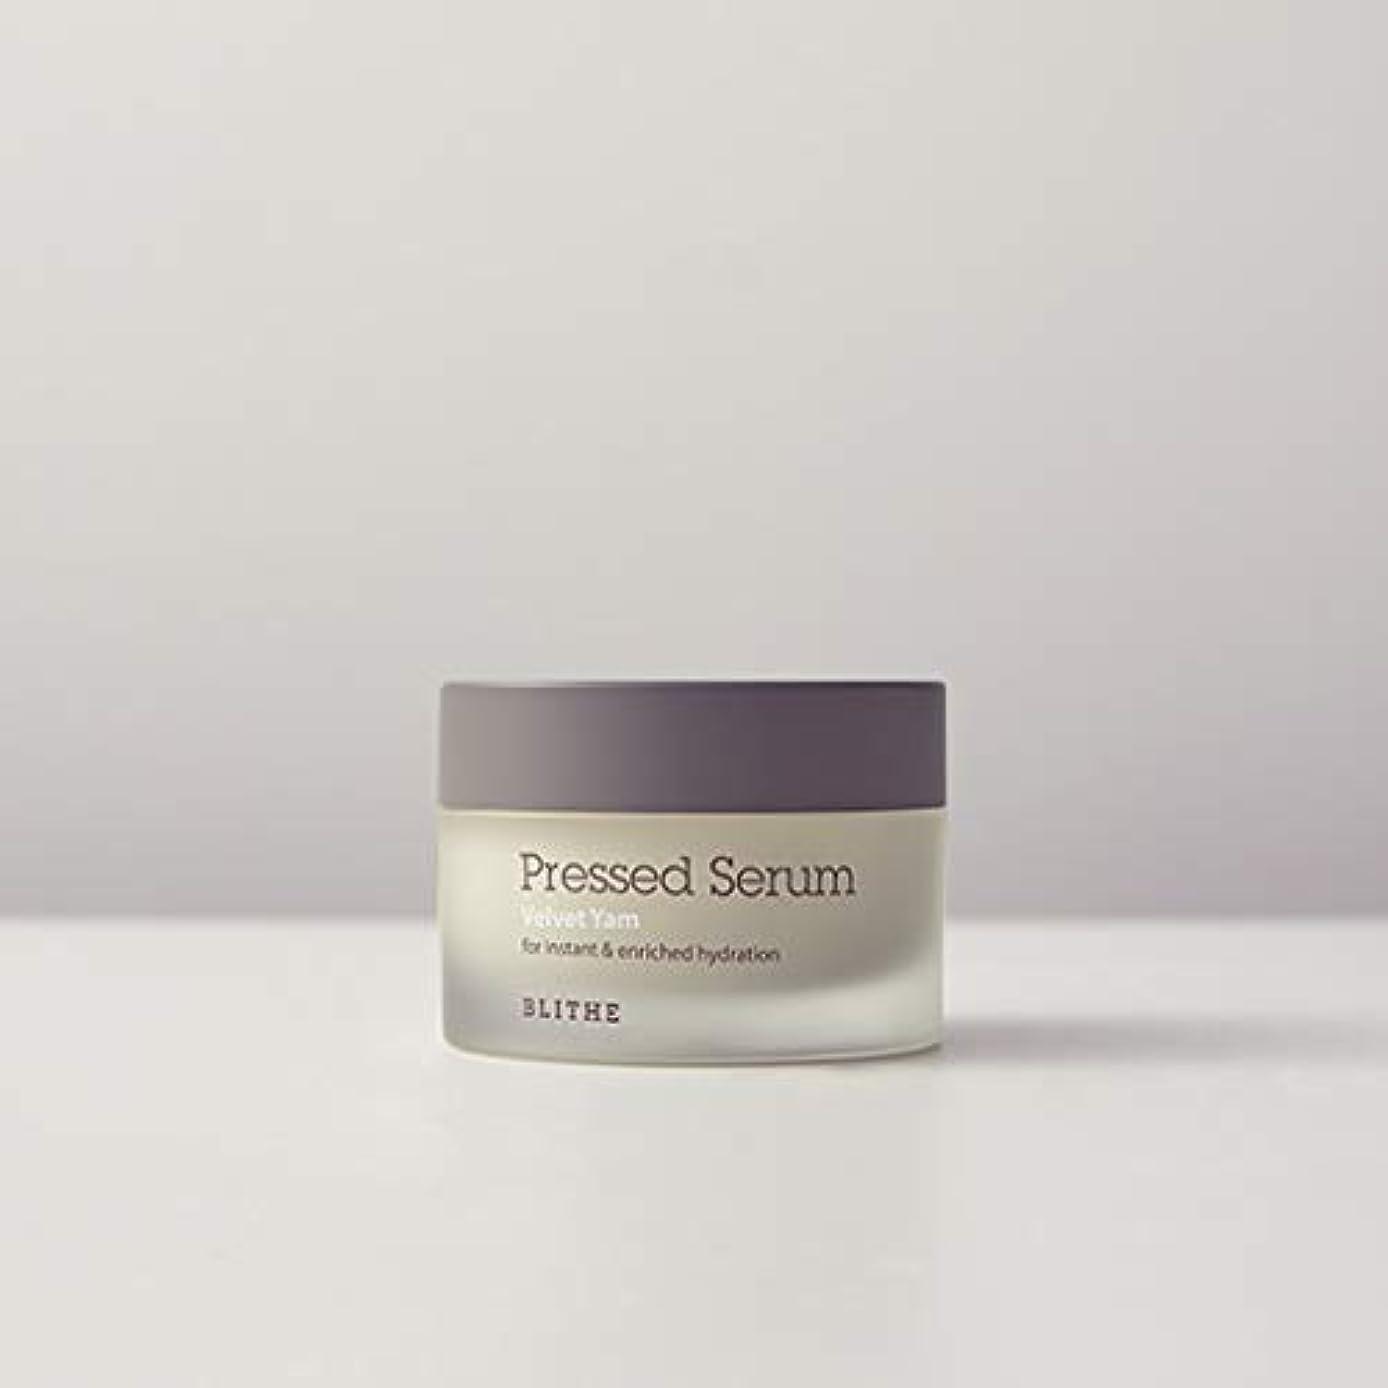 常習者カルシウムバット[Blithe] Pressed Serum Velvet Yam 50ml [並行輸入品]